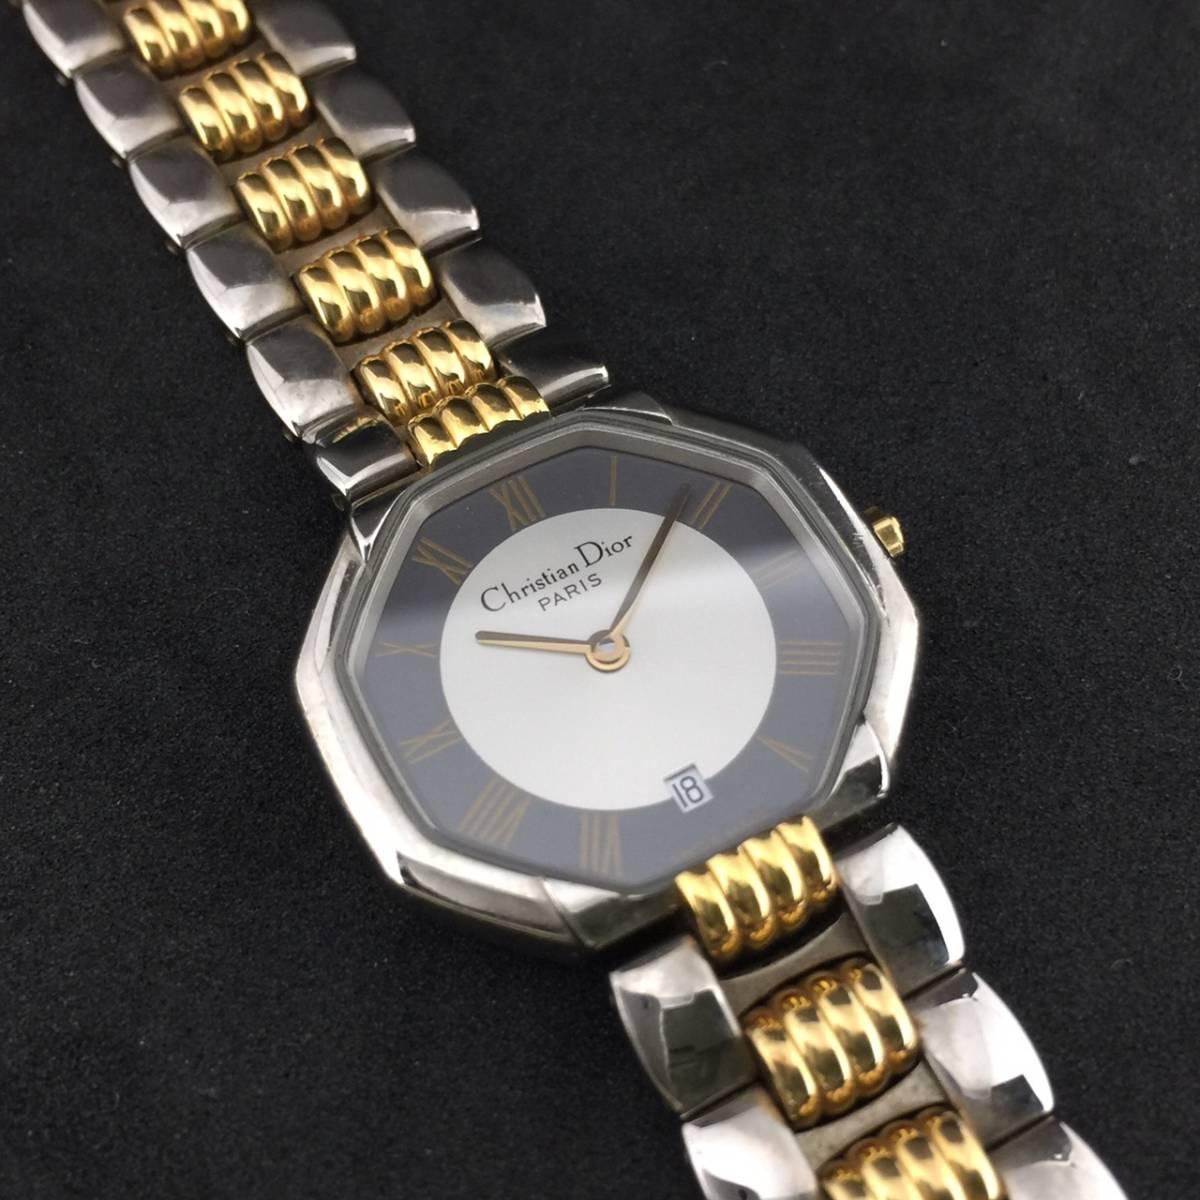 【1円~】Christian Dior クリスチャンディオール 腕時計 レディース D48-203 オクタゴン デイト コンビ 可動品_画像8